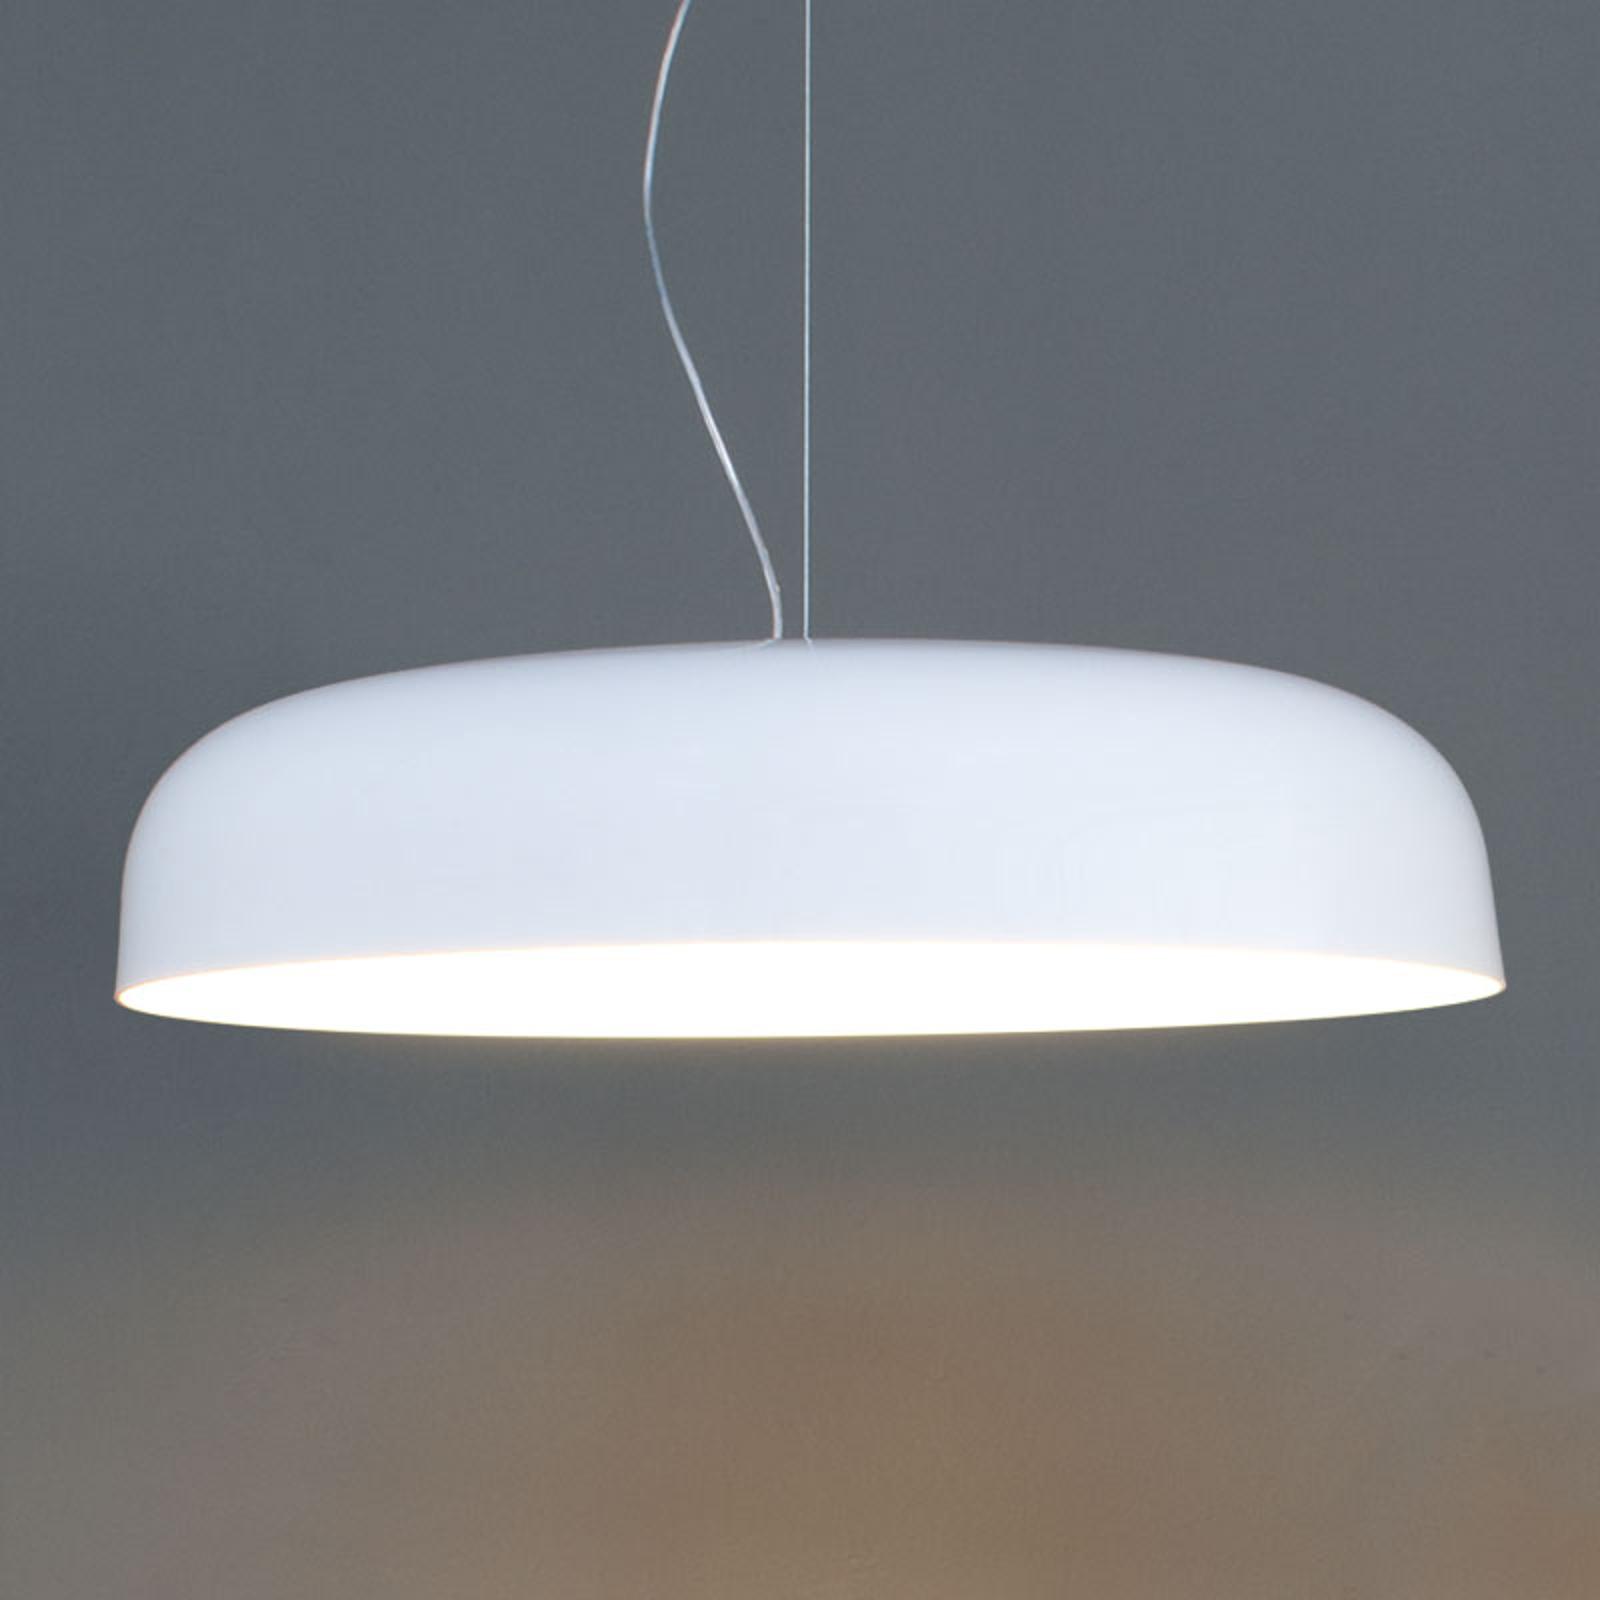 Oluce Canopy - Hängeleuchte, 90 cm, weiß